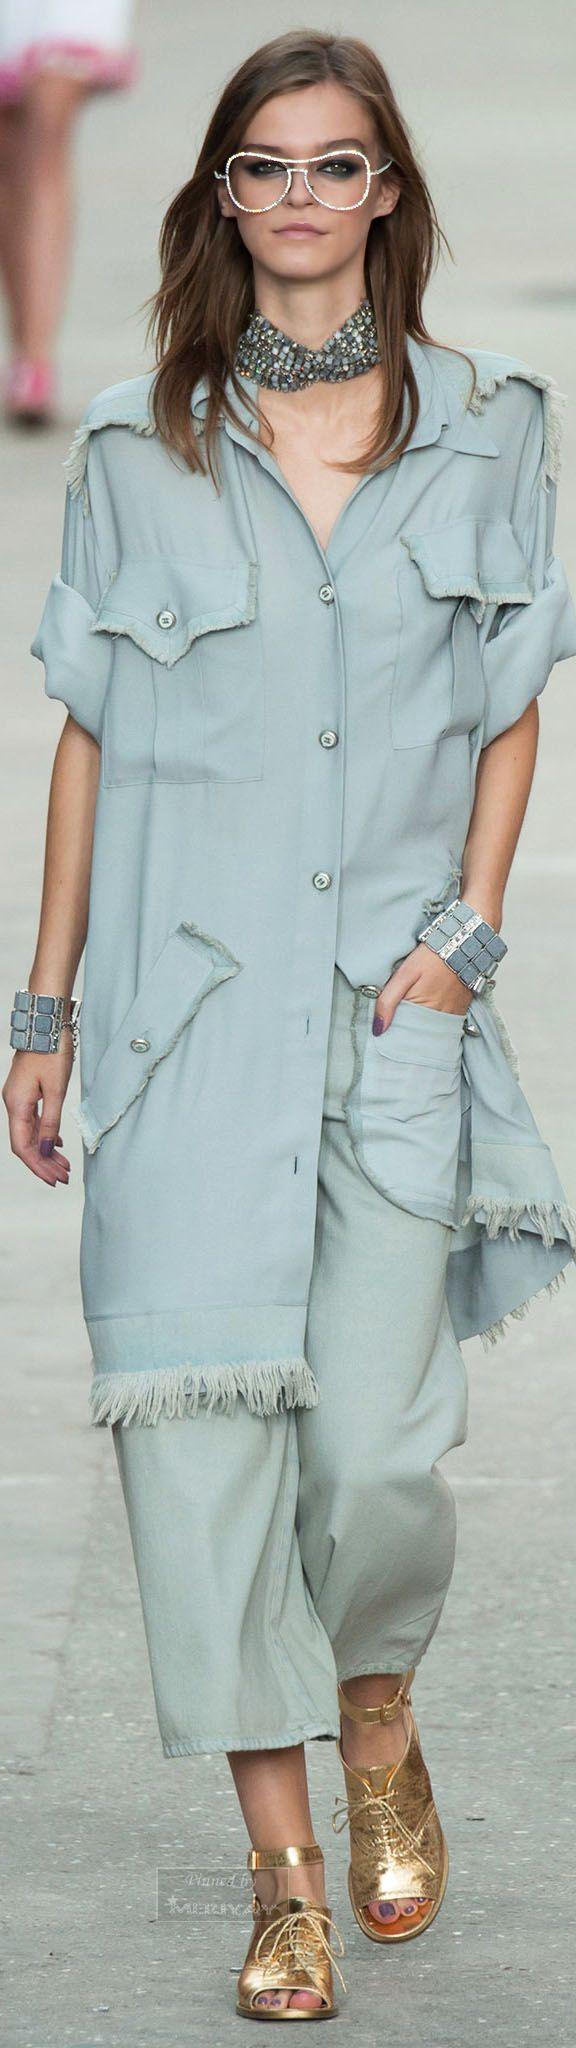 Farb-und Stilberatung mit www.farben-reich.com - Chanel.Spring 2015.